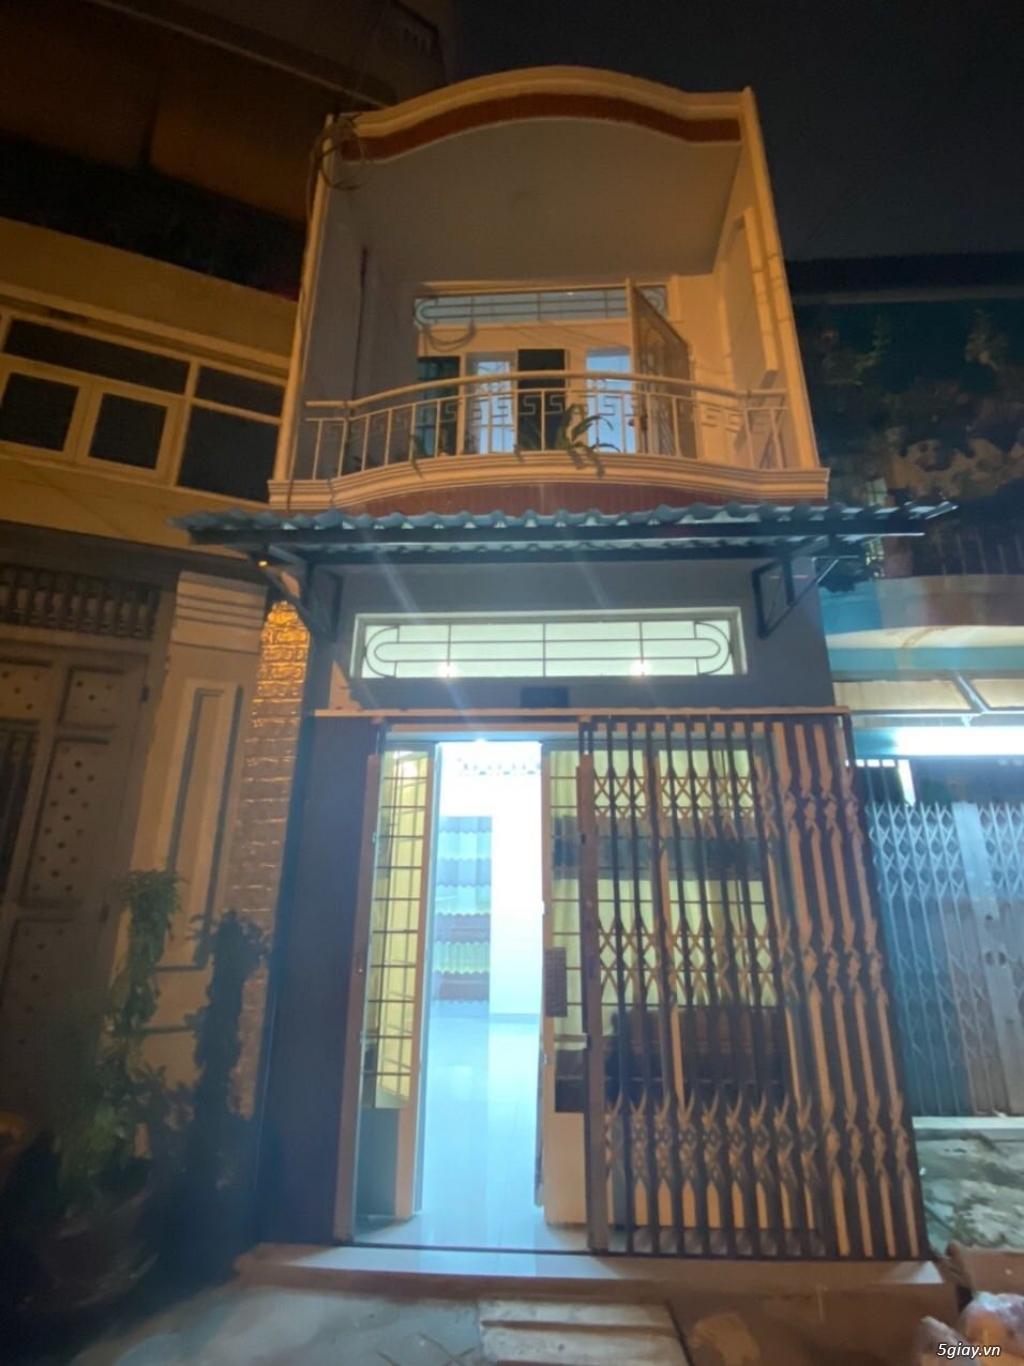 Bán nhà mặt tiền Phan Văn Năm, q.Tân Phú, HCM - 5